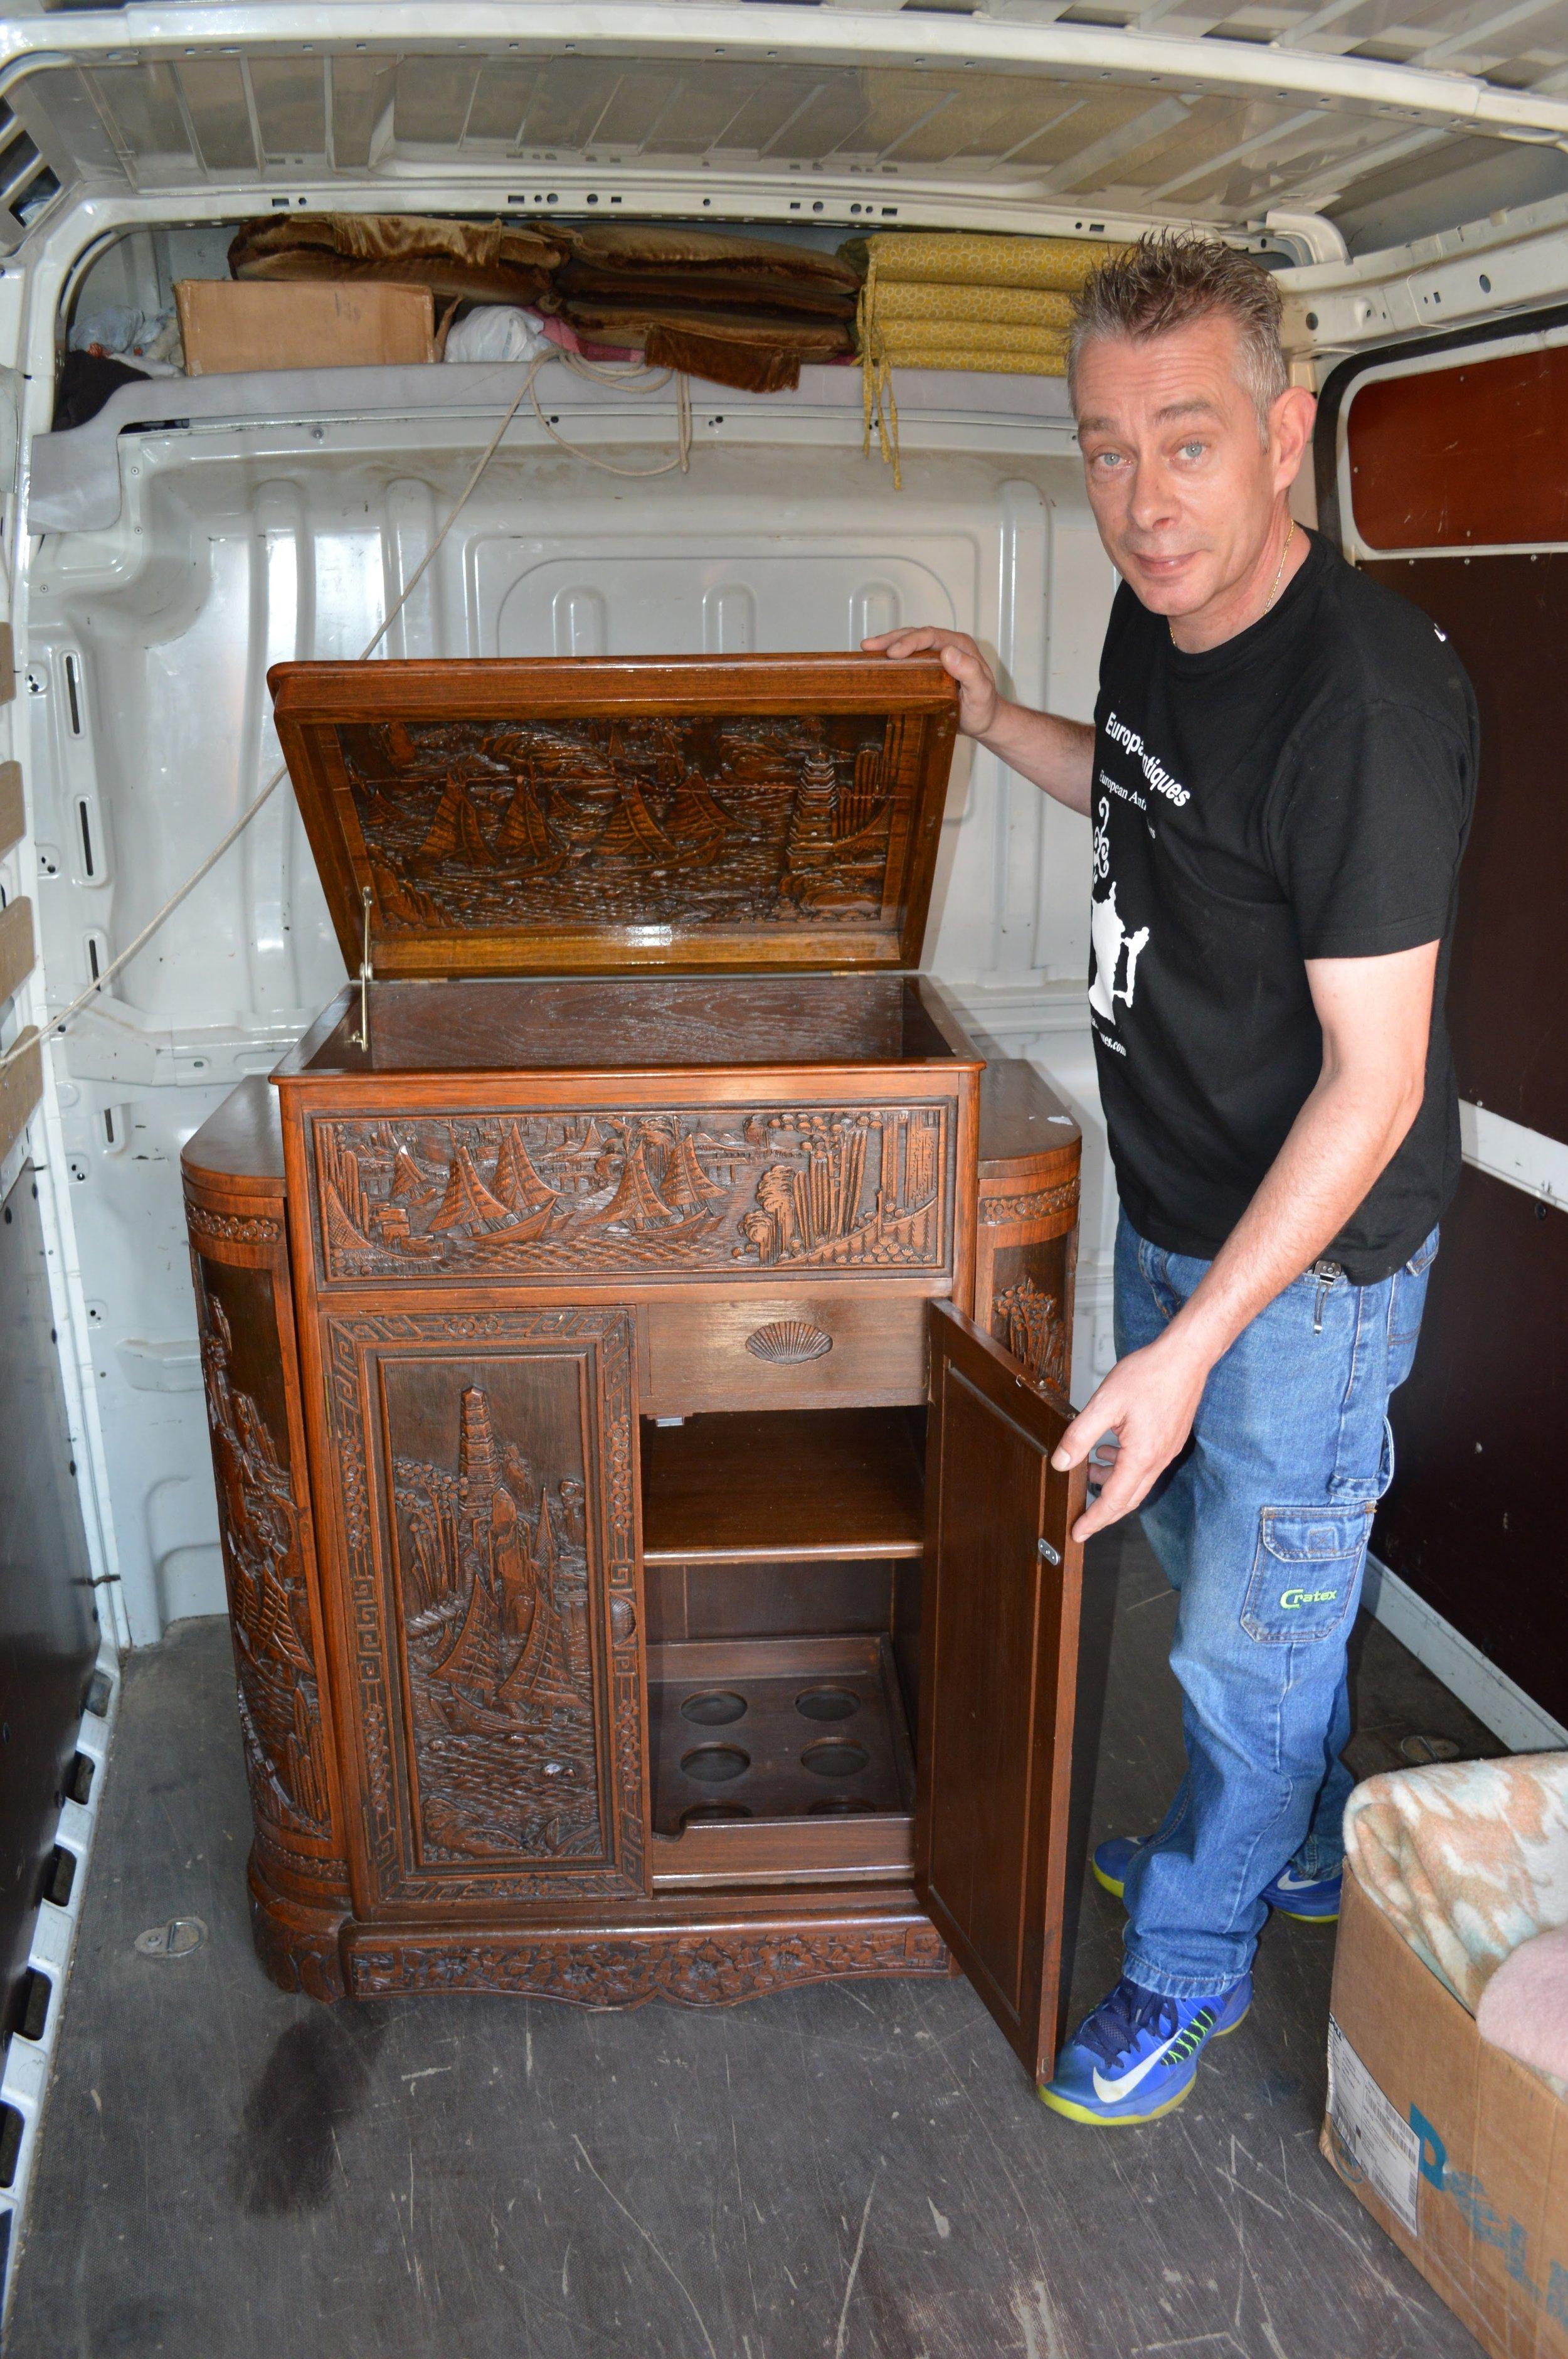 European antique treasures